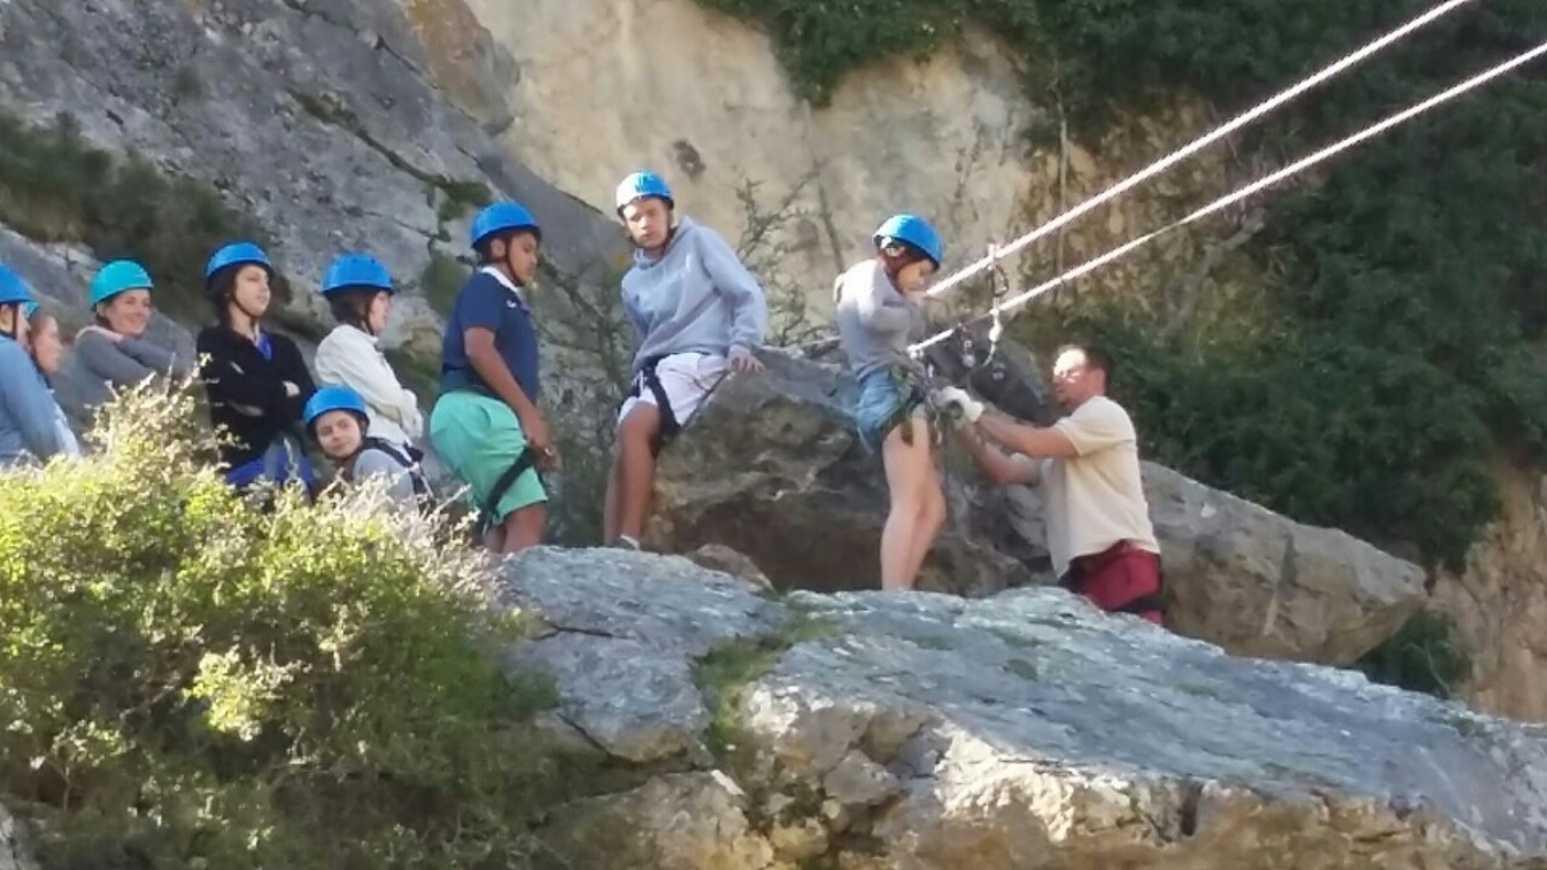 Rafting et escalade pour nos voyageurs du Portalon img-20150406-wa0013resized